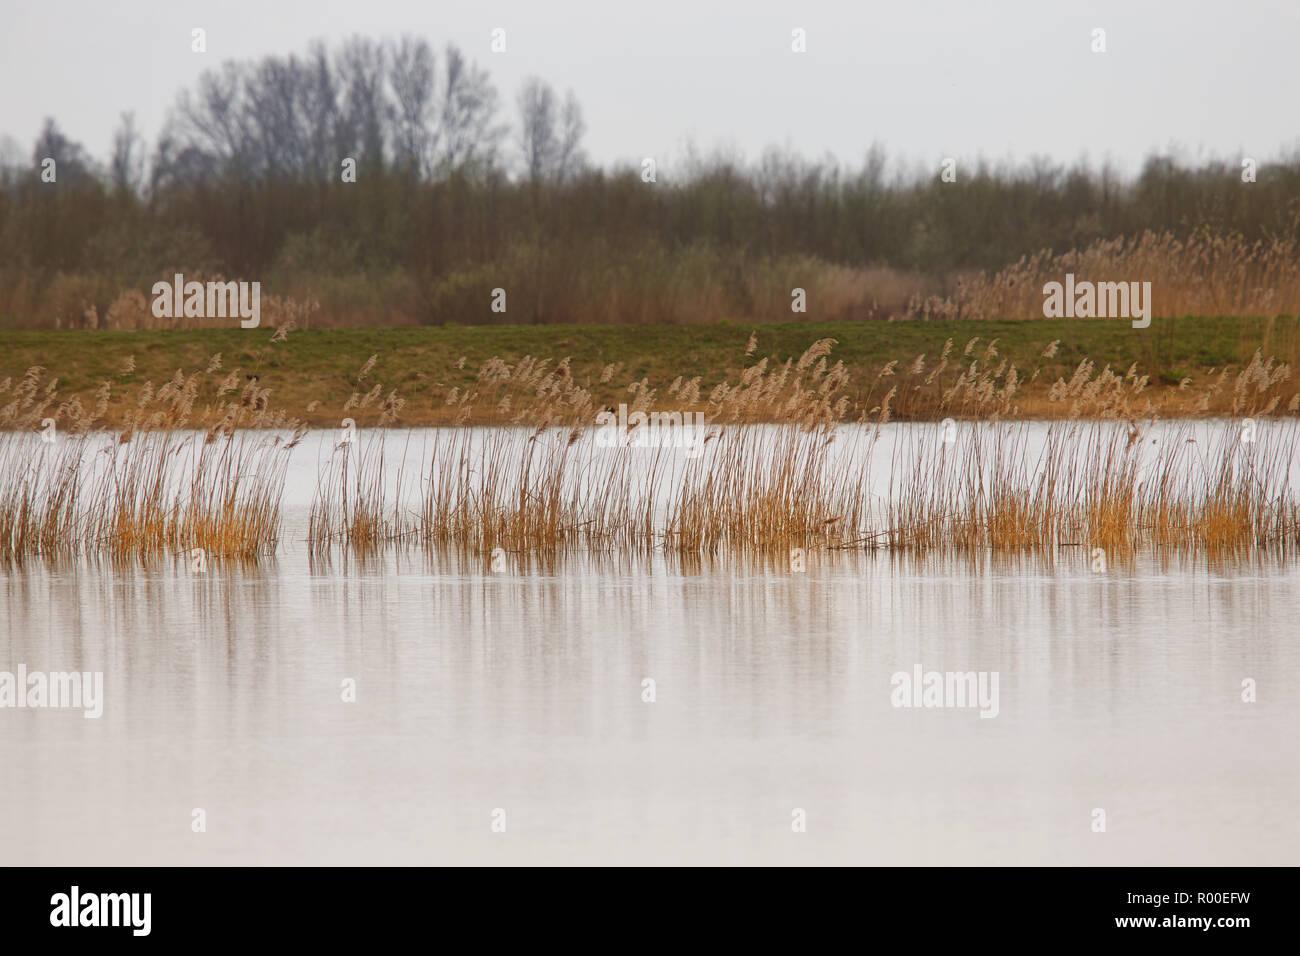 Sumpfland in Holland große Teich mit Unkraut und Baum in der Natur Park Stockbild